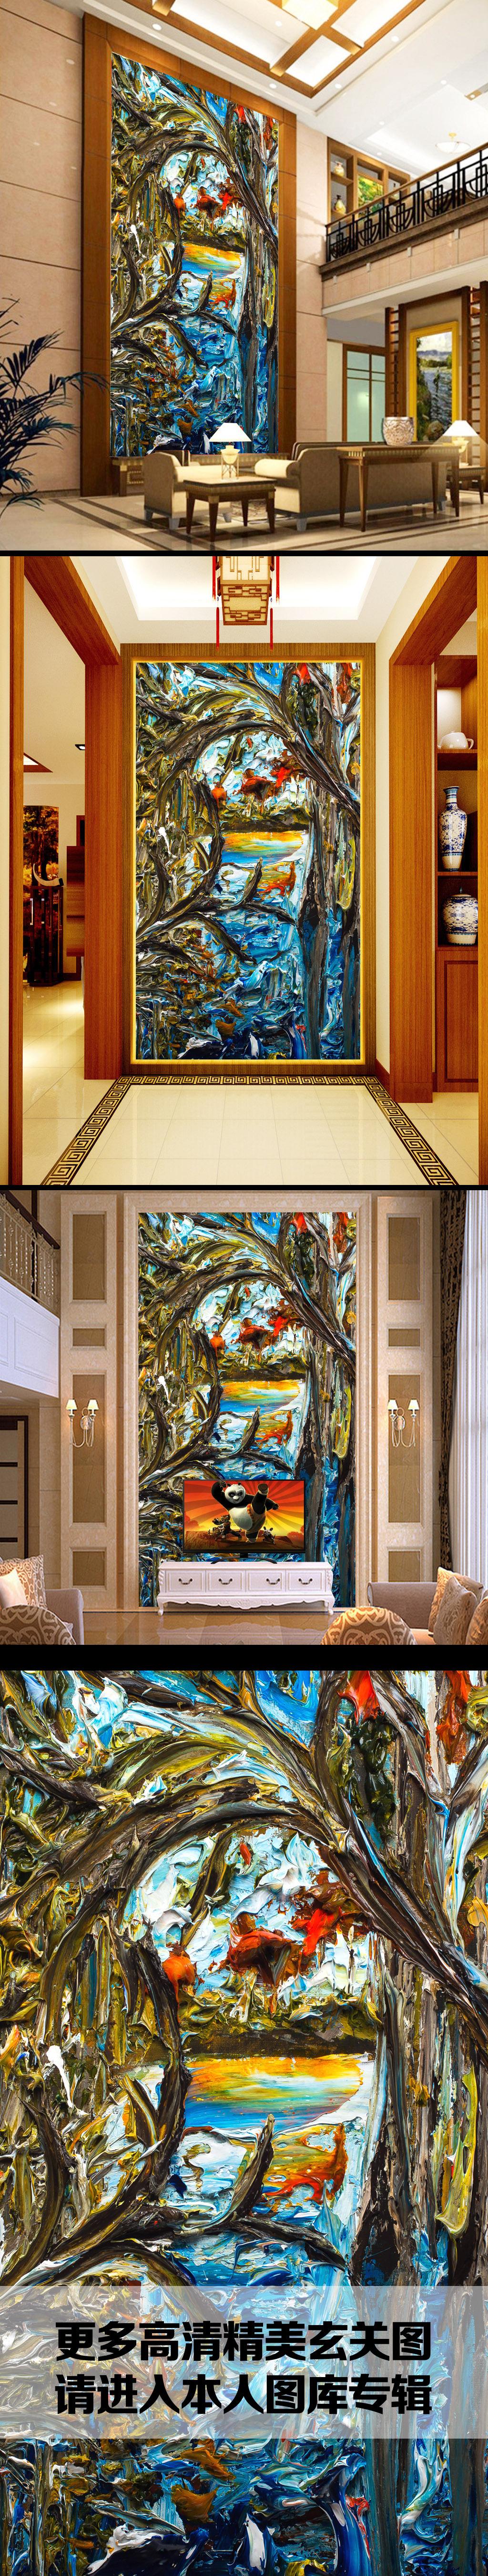 厚重颜料手绘立体壁画玄关门厅过道装饰画